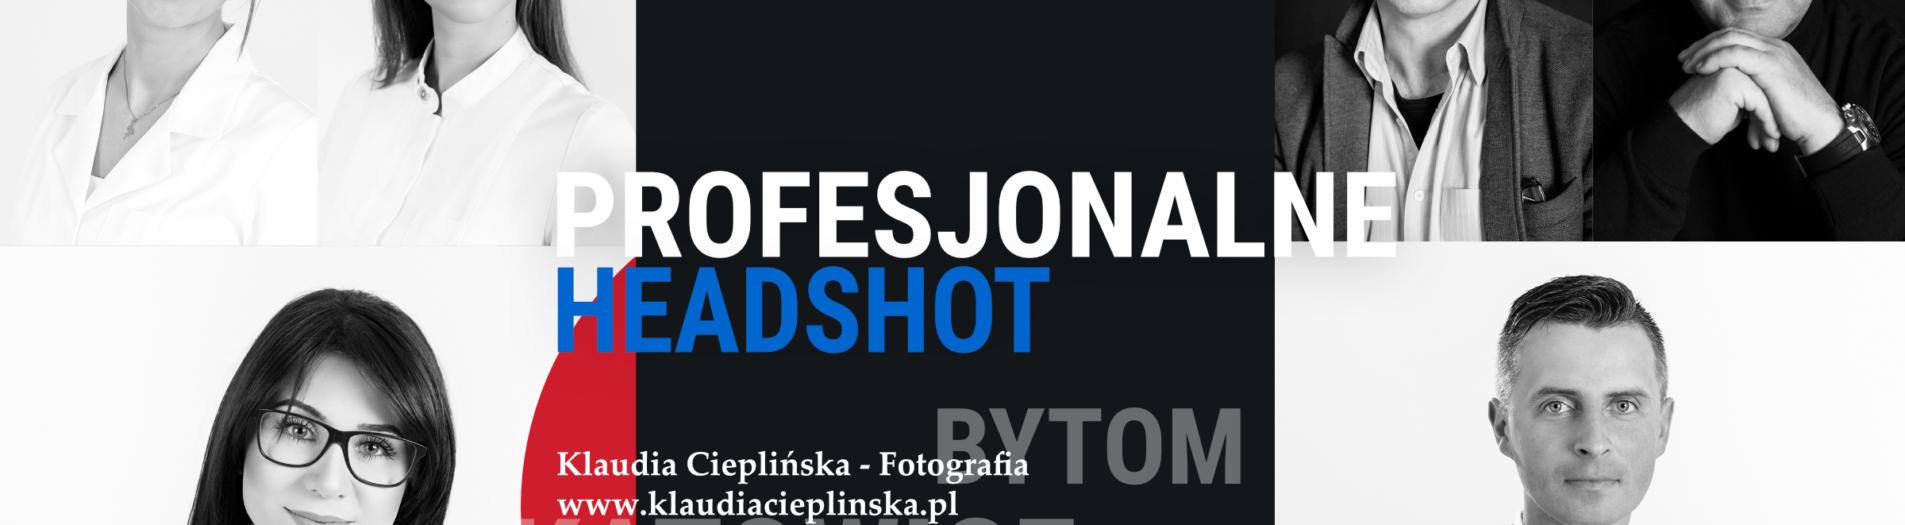 Zdjęcia portretowe - headshot